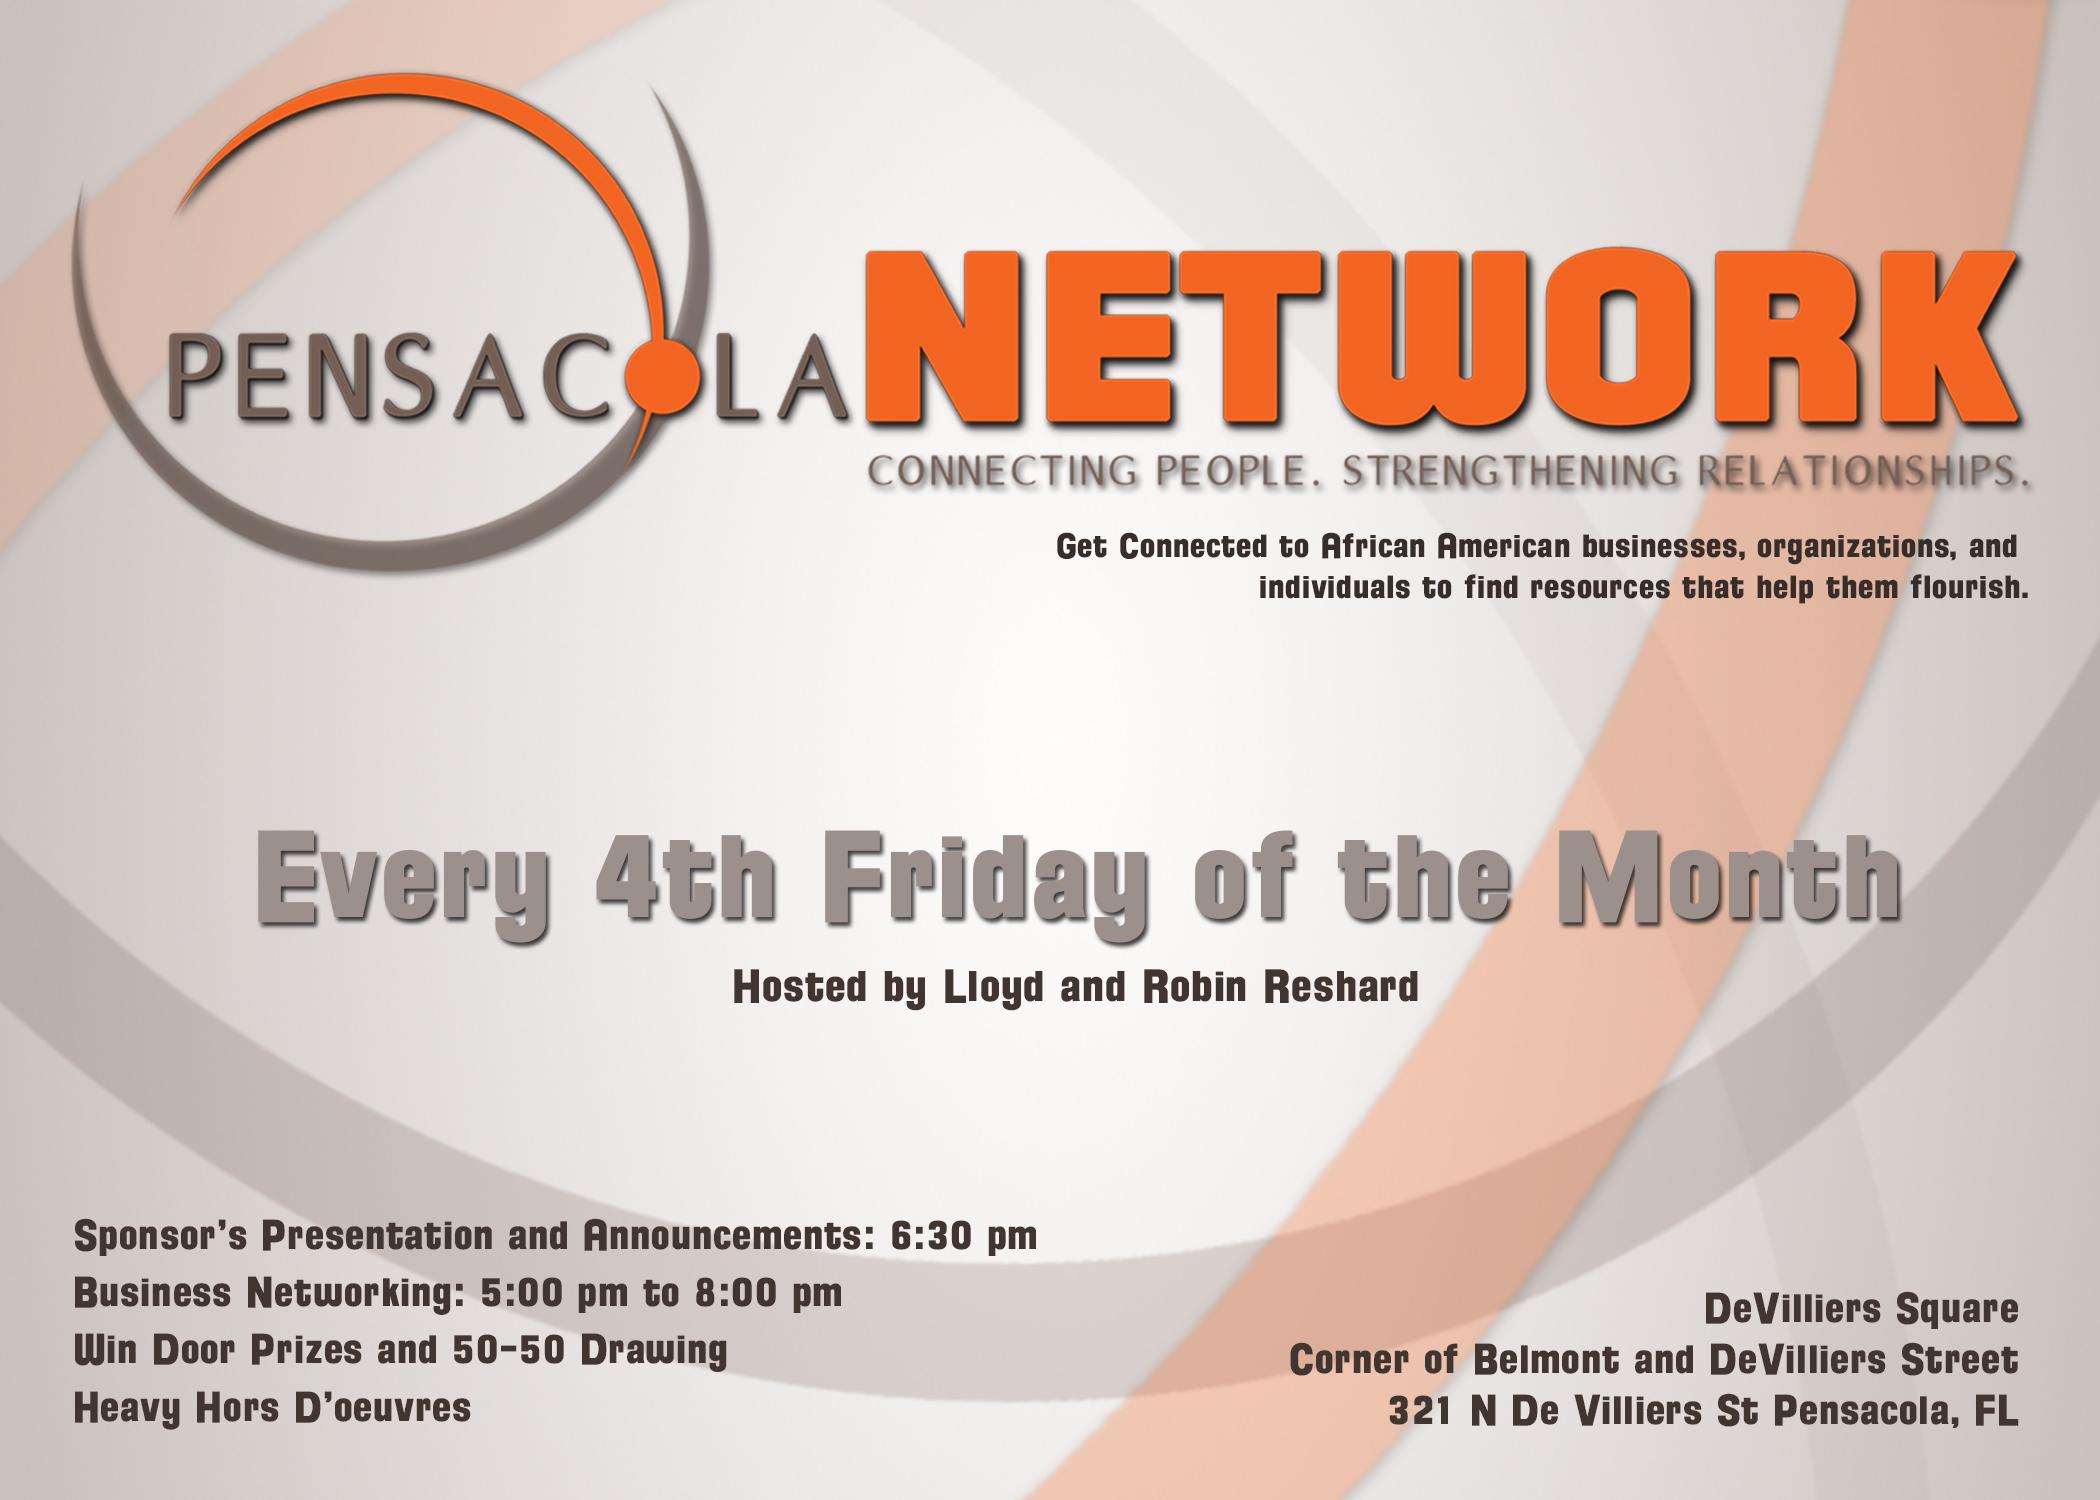 Pensacola Network Description